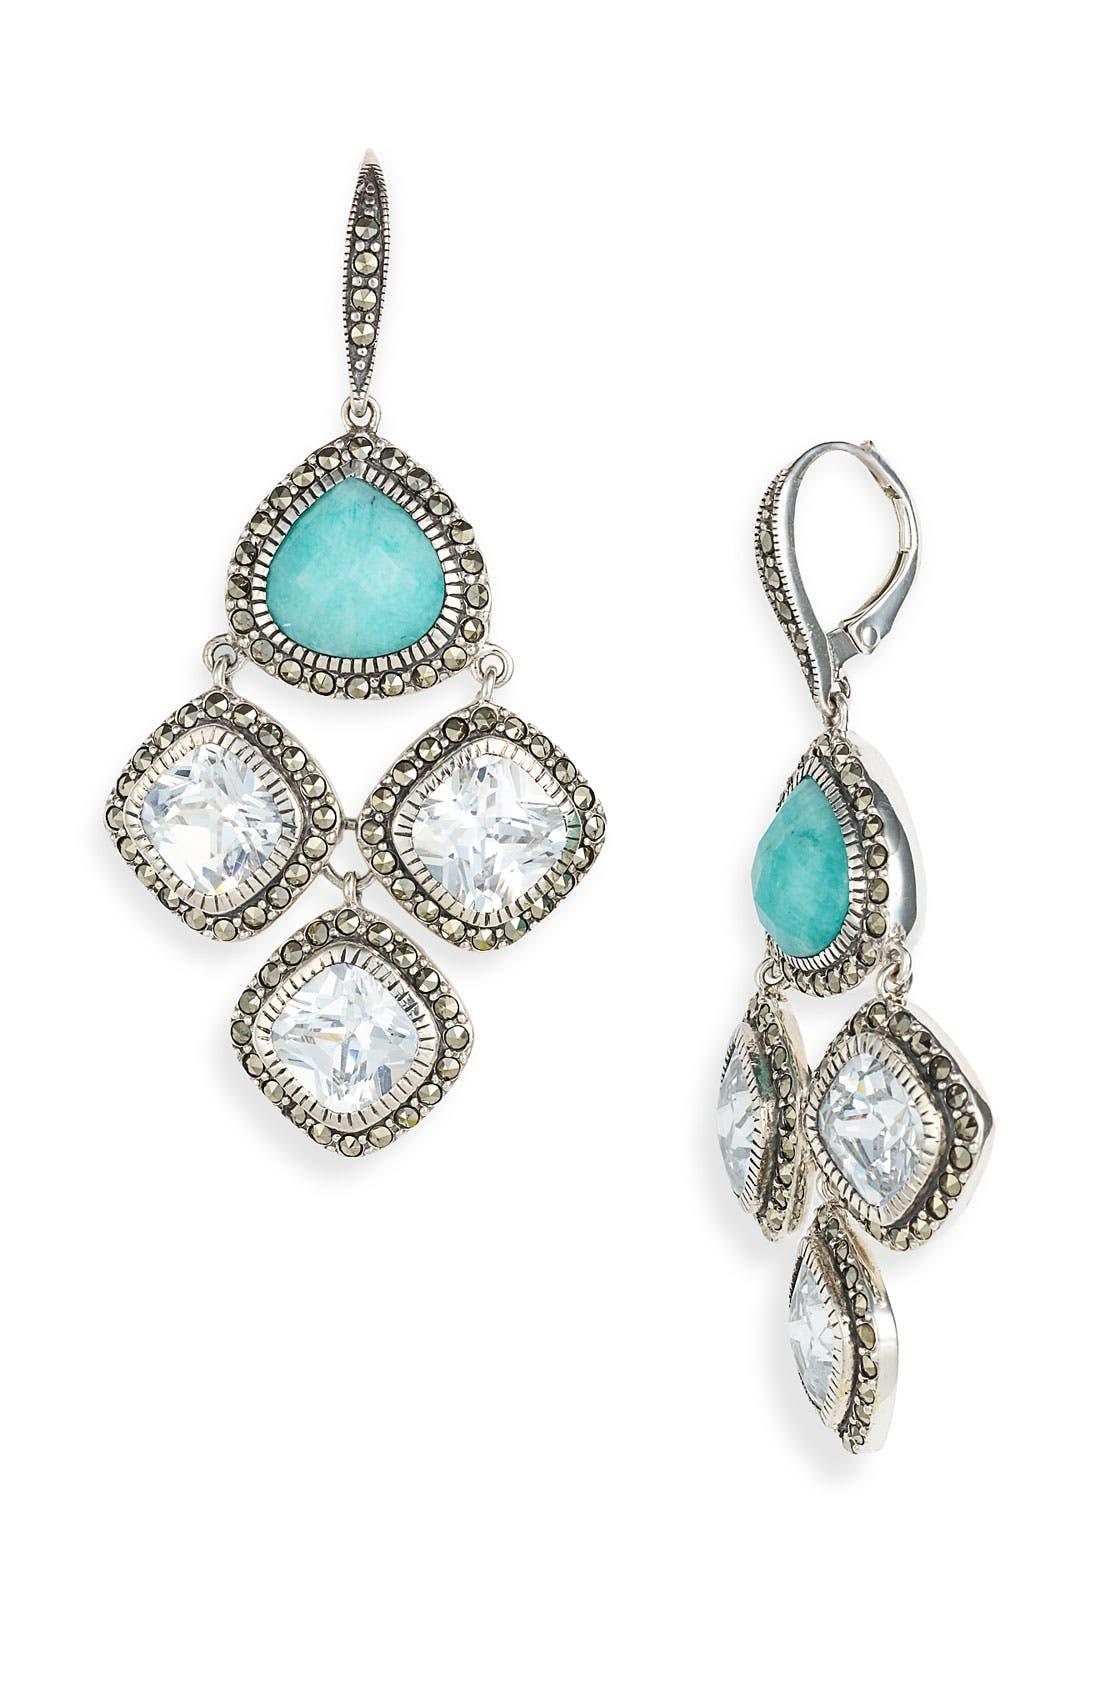 Main Image - Judith Jack 'Aquarius' Chandelier Earrings